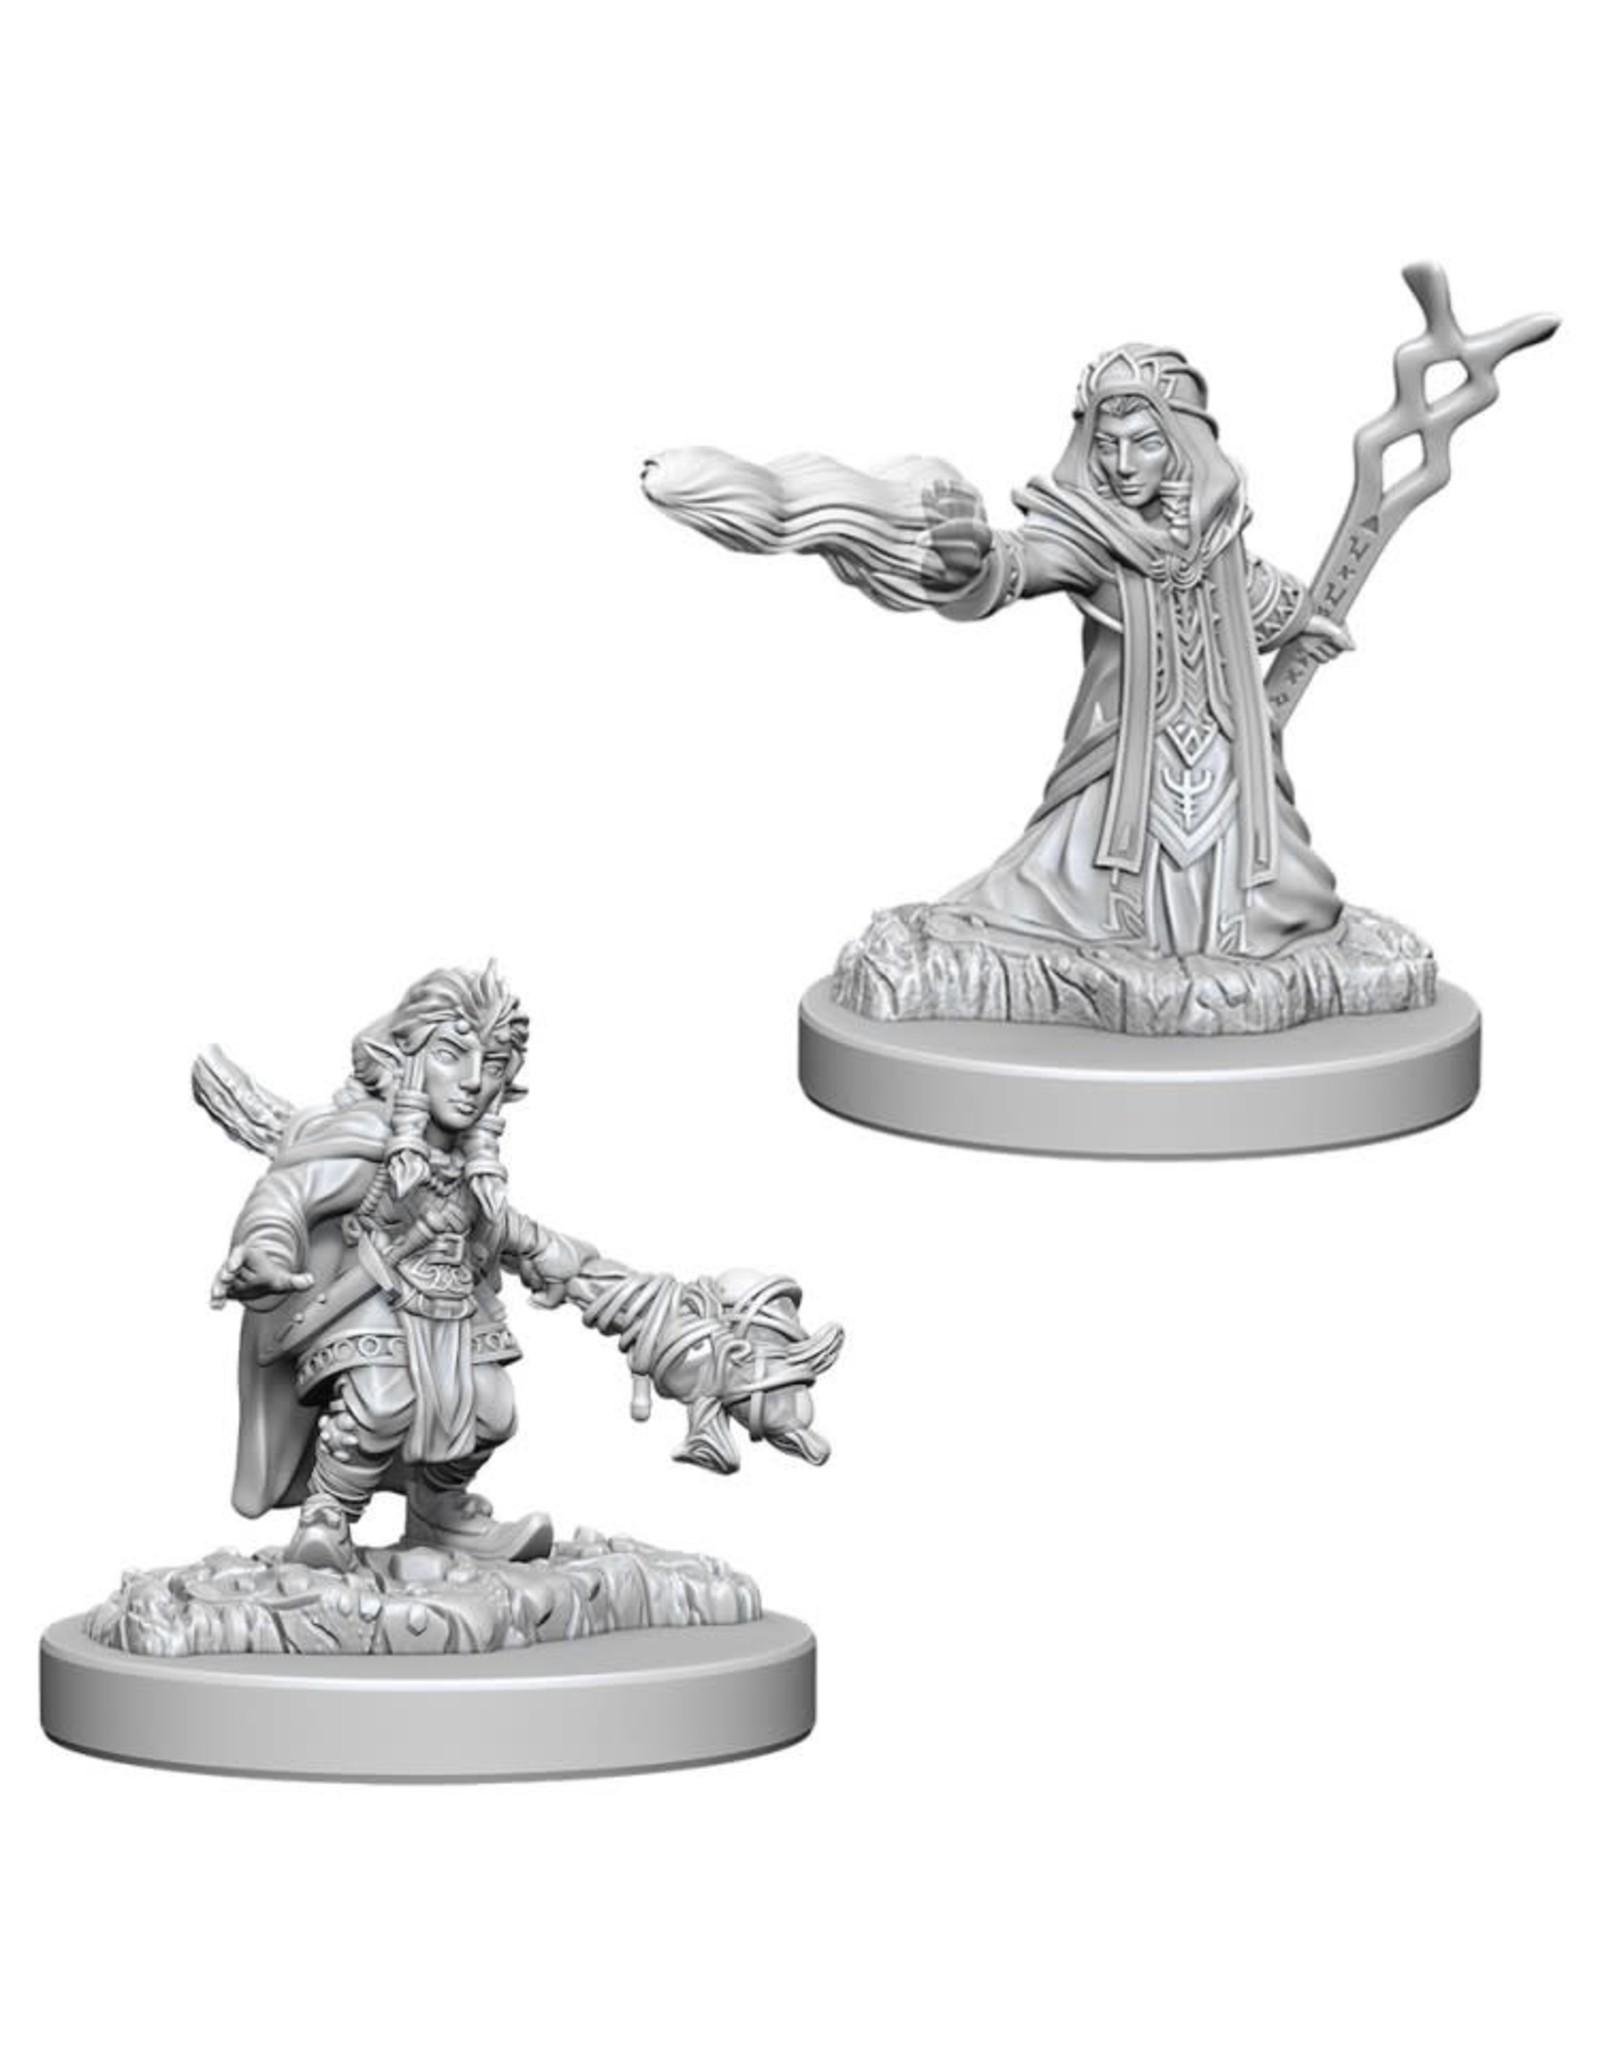 WizKids D&D Minis (unpainted): Gnome Wizard (female) Wave 6, 73383